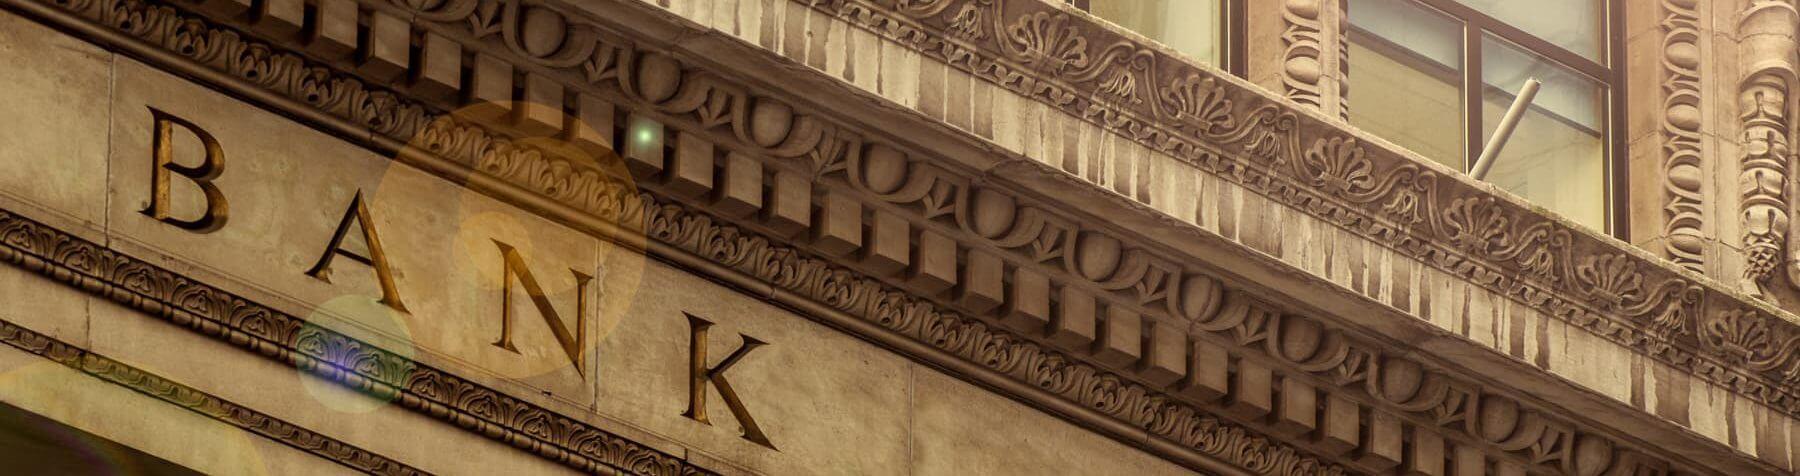 Hypothekenzinsen: Einfluss von Eigenkapital auf die Finanzierung